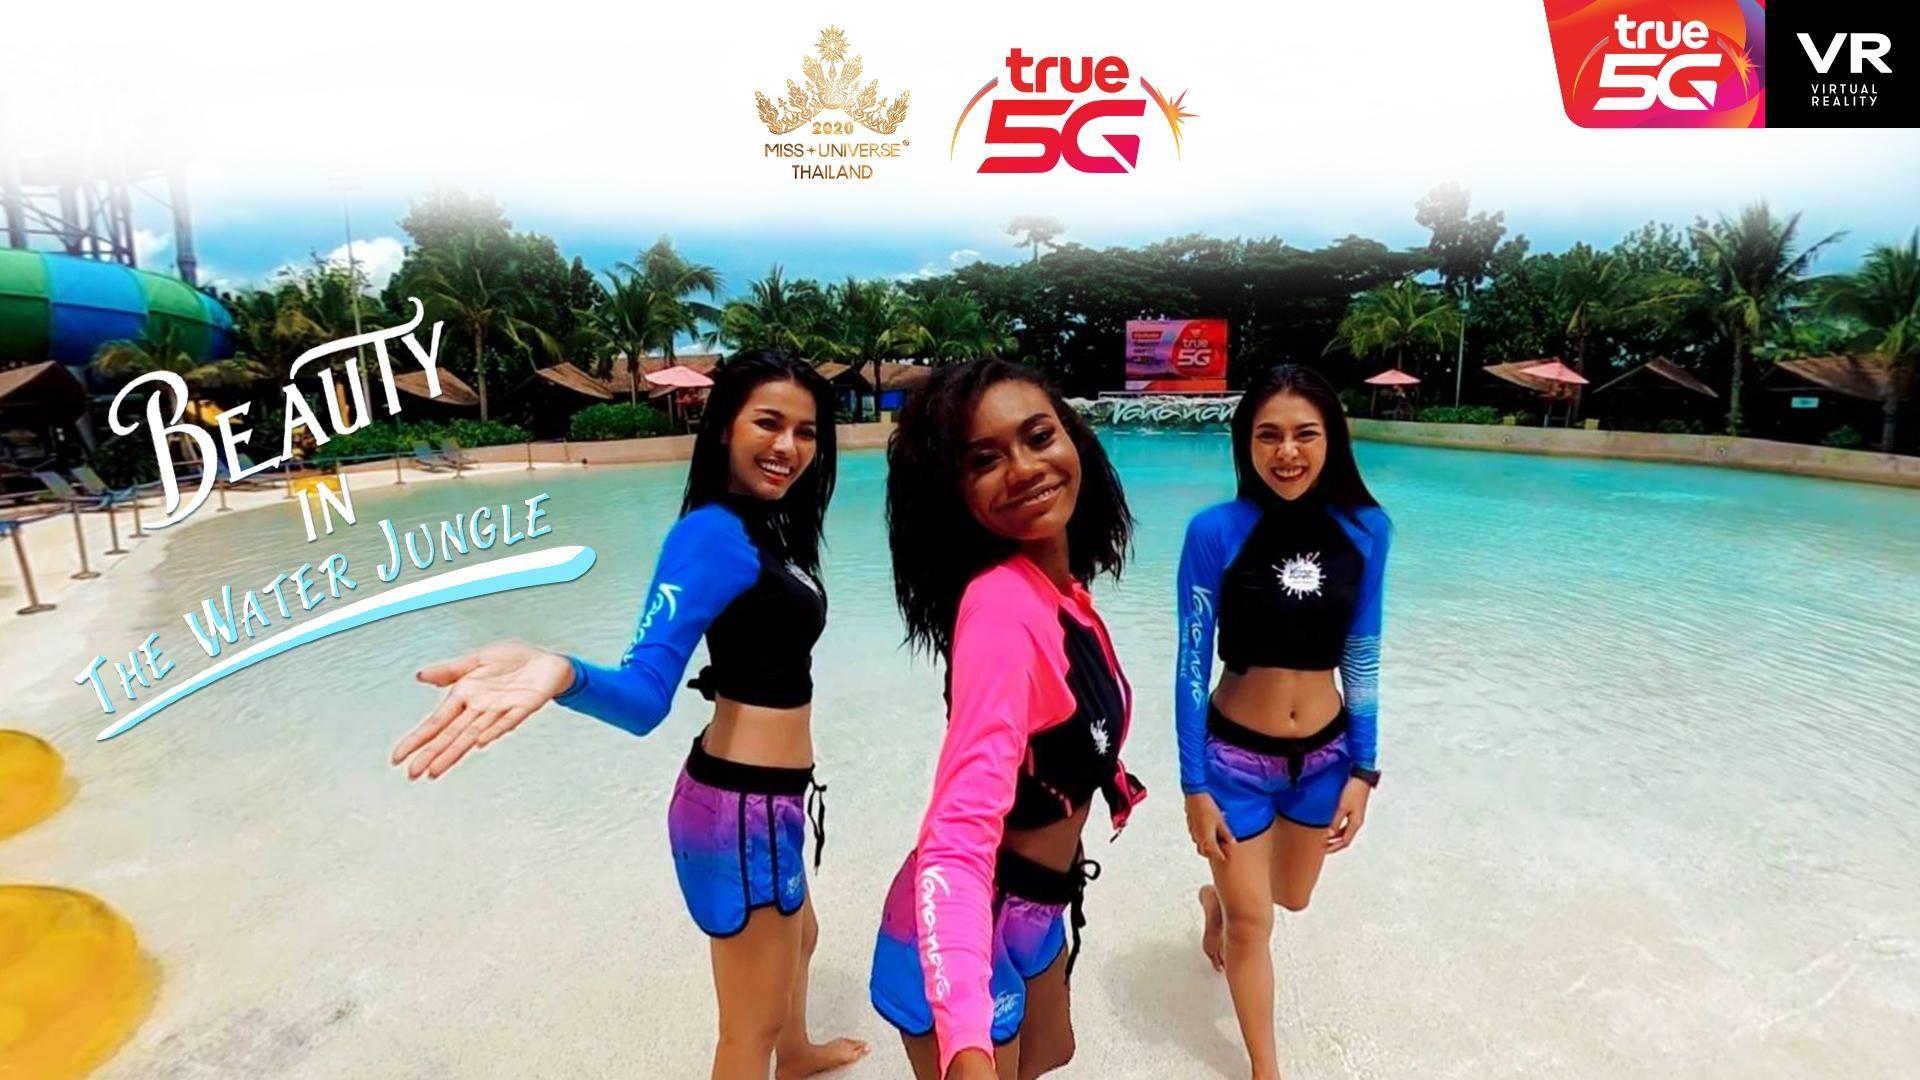 ออกลุยสวนน้ำไปด้วยกันแบบใกล้ชิดสุดๆในรูปแบบ VR กับเหล่าสาวงาม Miss Universe Thailand 2020